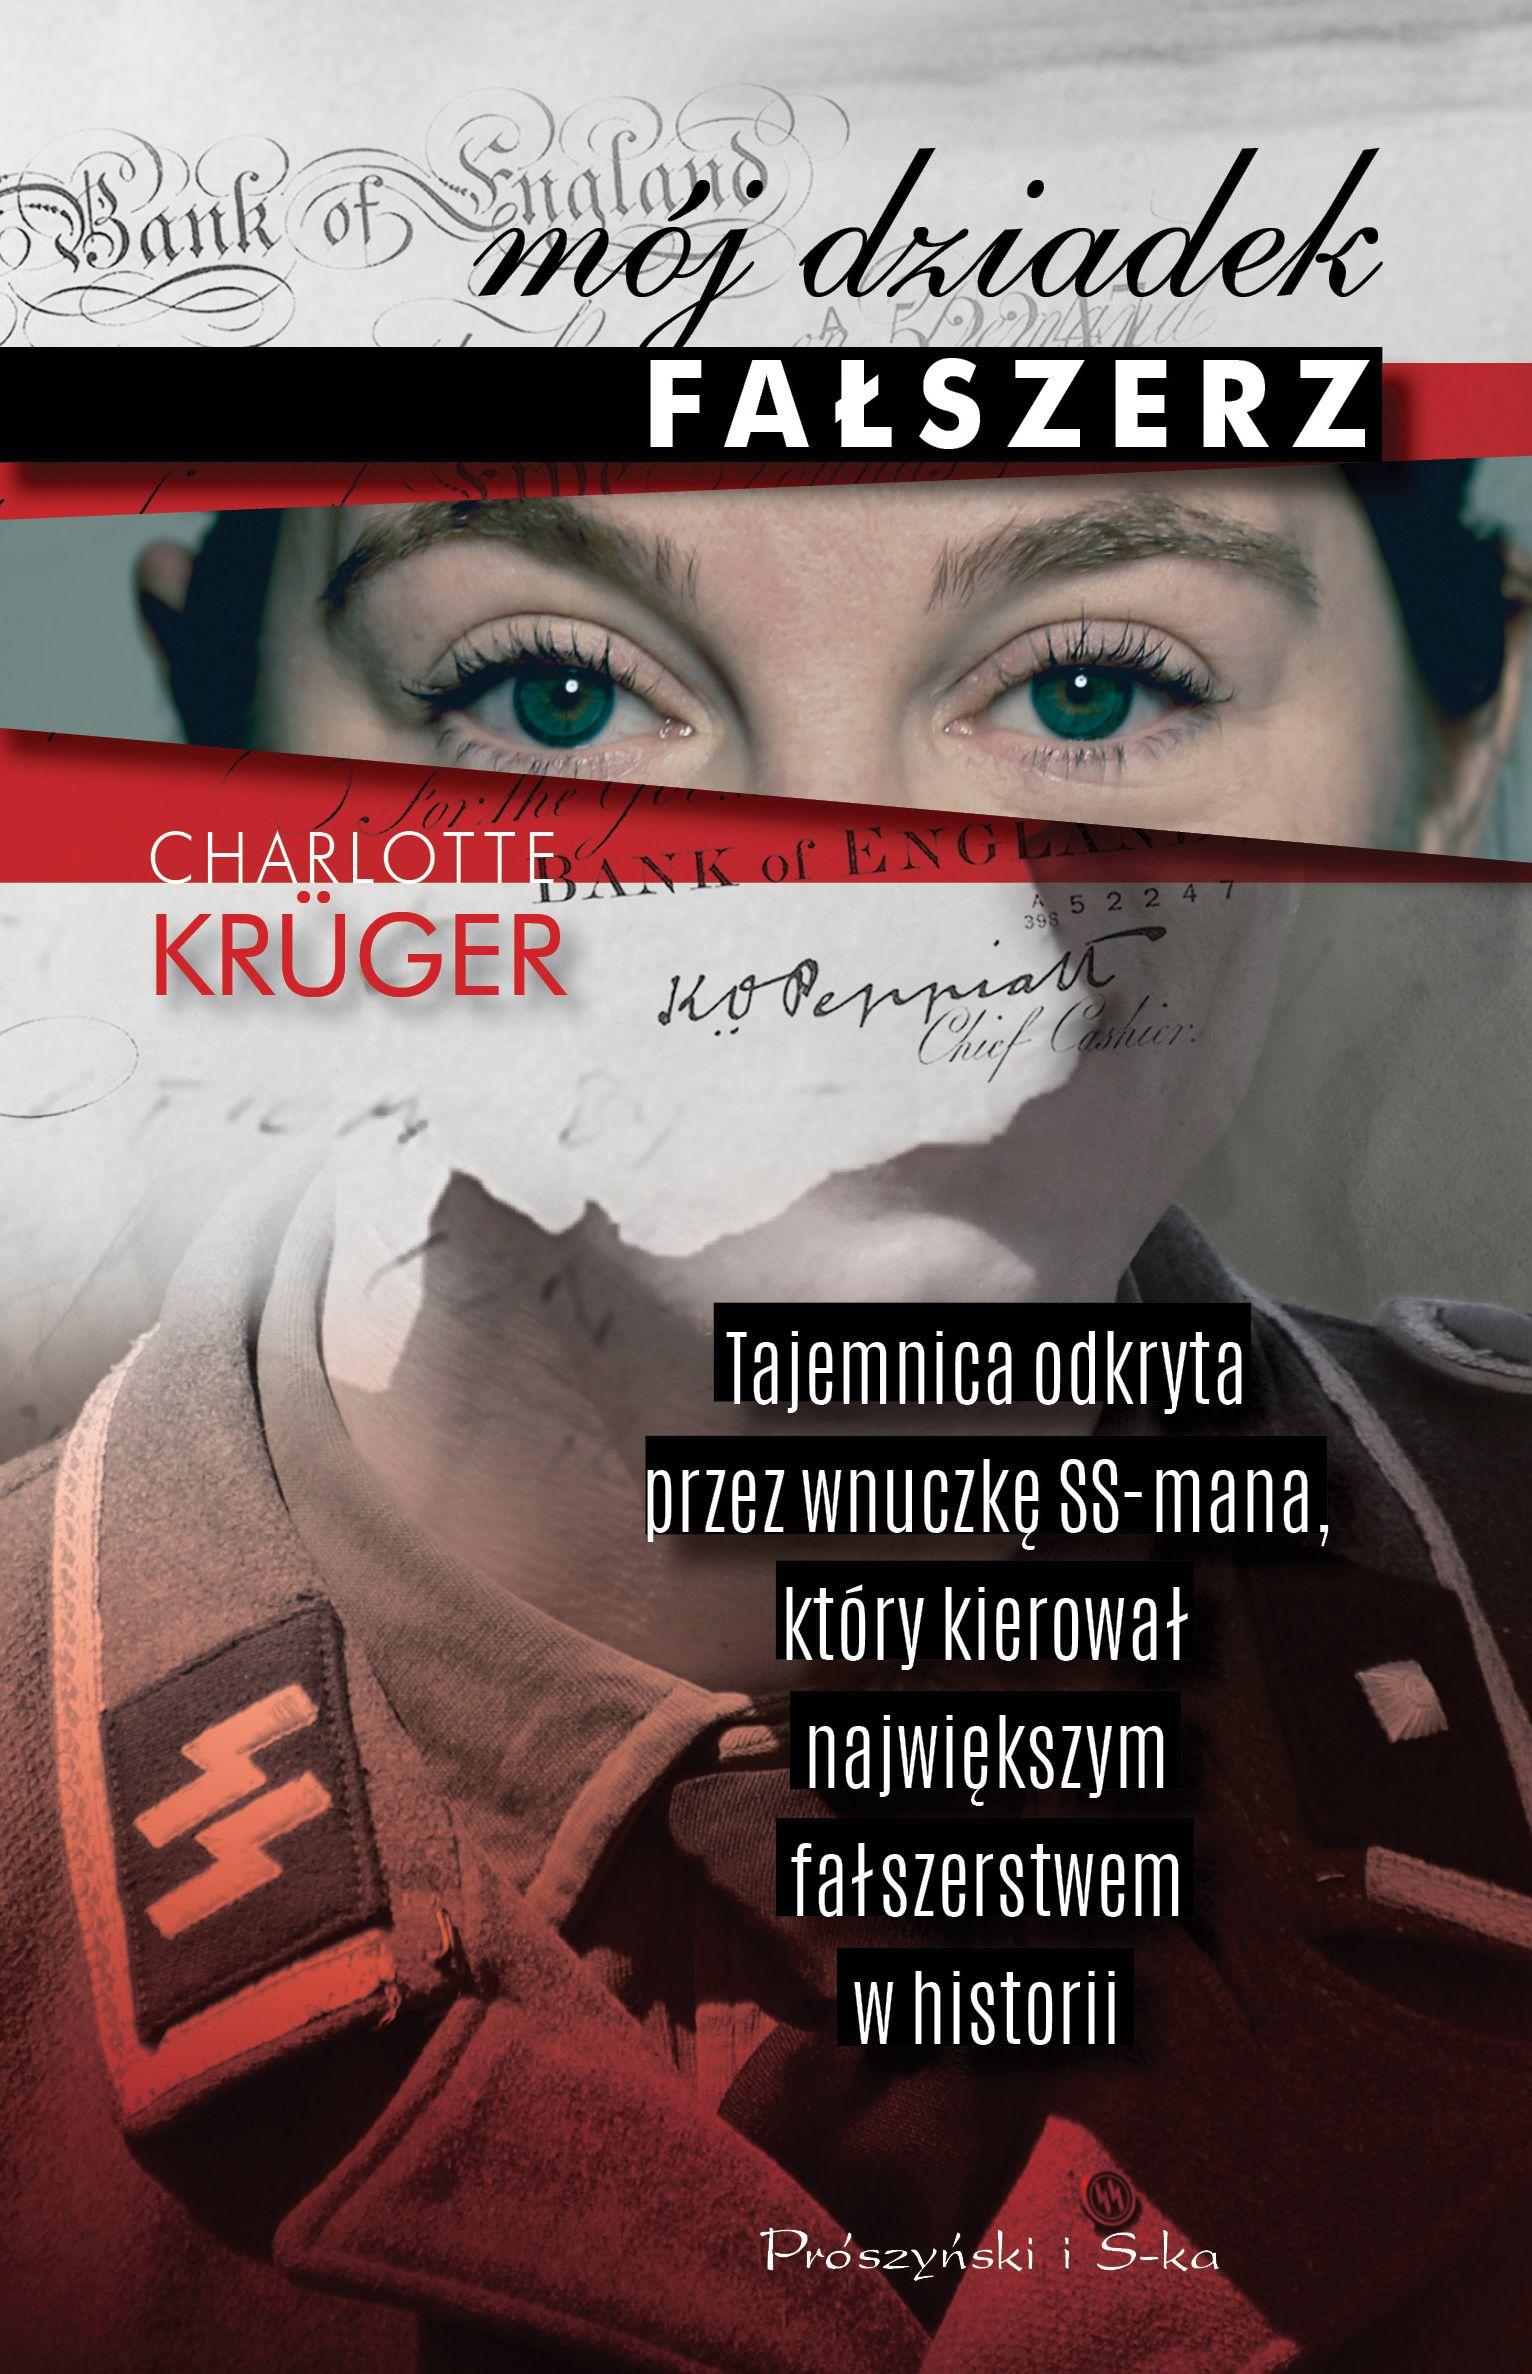 """Artykuł powstał między innymi w oparciu o książkę Charlotte Krüger """"Mój dziadek fałszerz"""", która właśnie ukazała się nakładem wydawnictwa Prószyński i S-ka."""